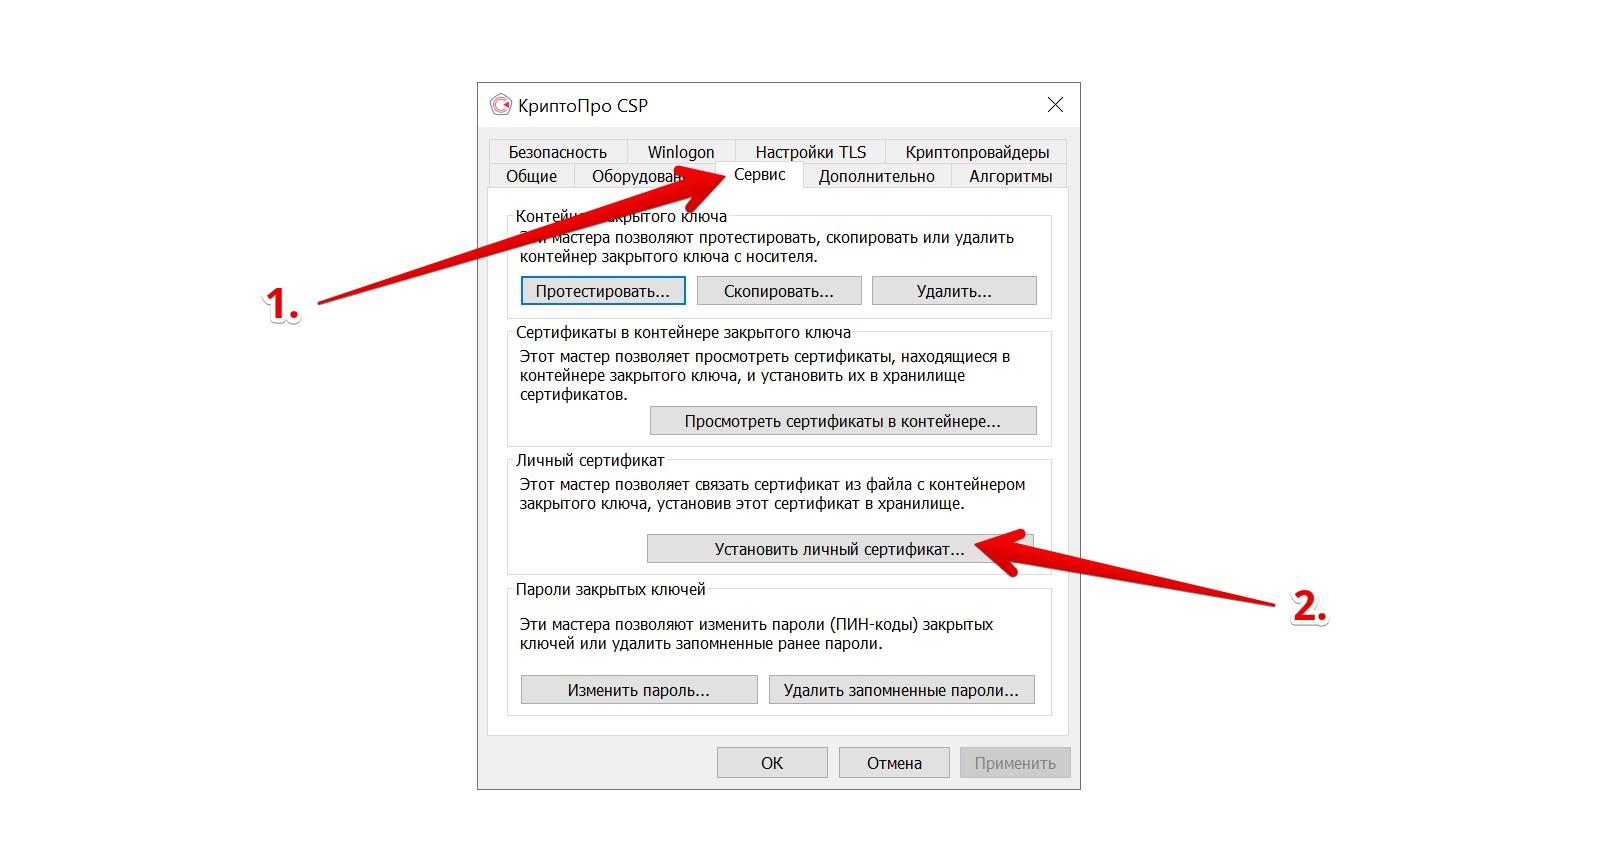 как установить личный сертификат на компьютер в программу Крипто ПРО?